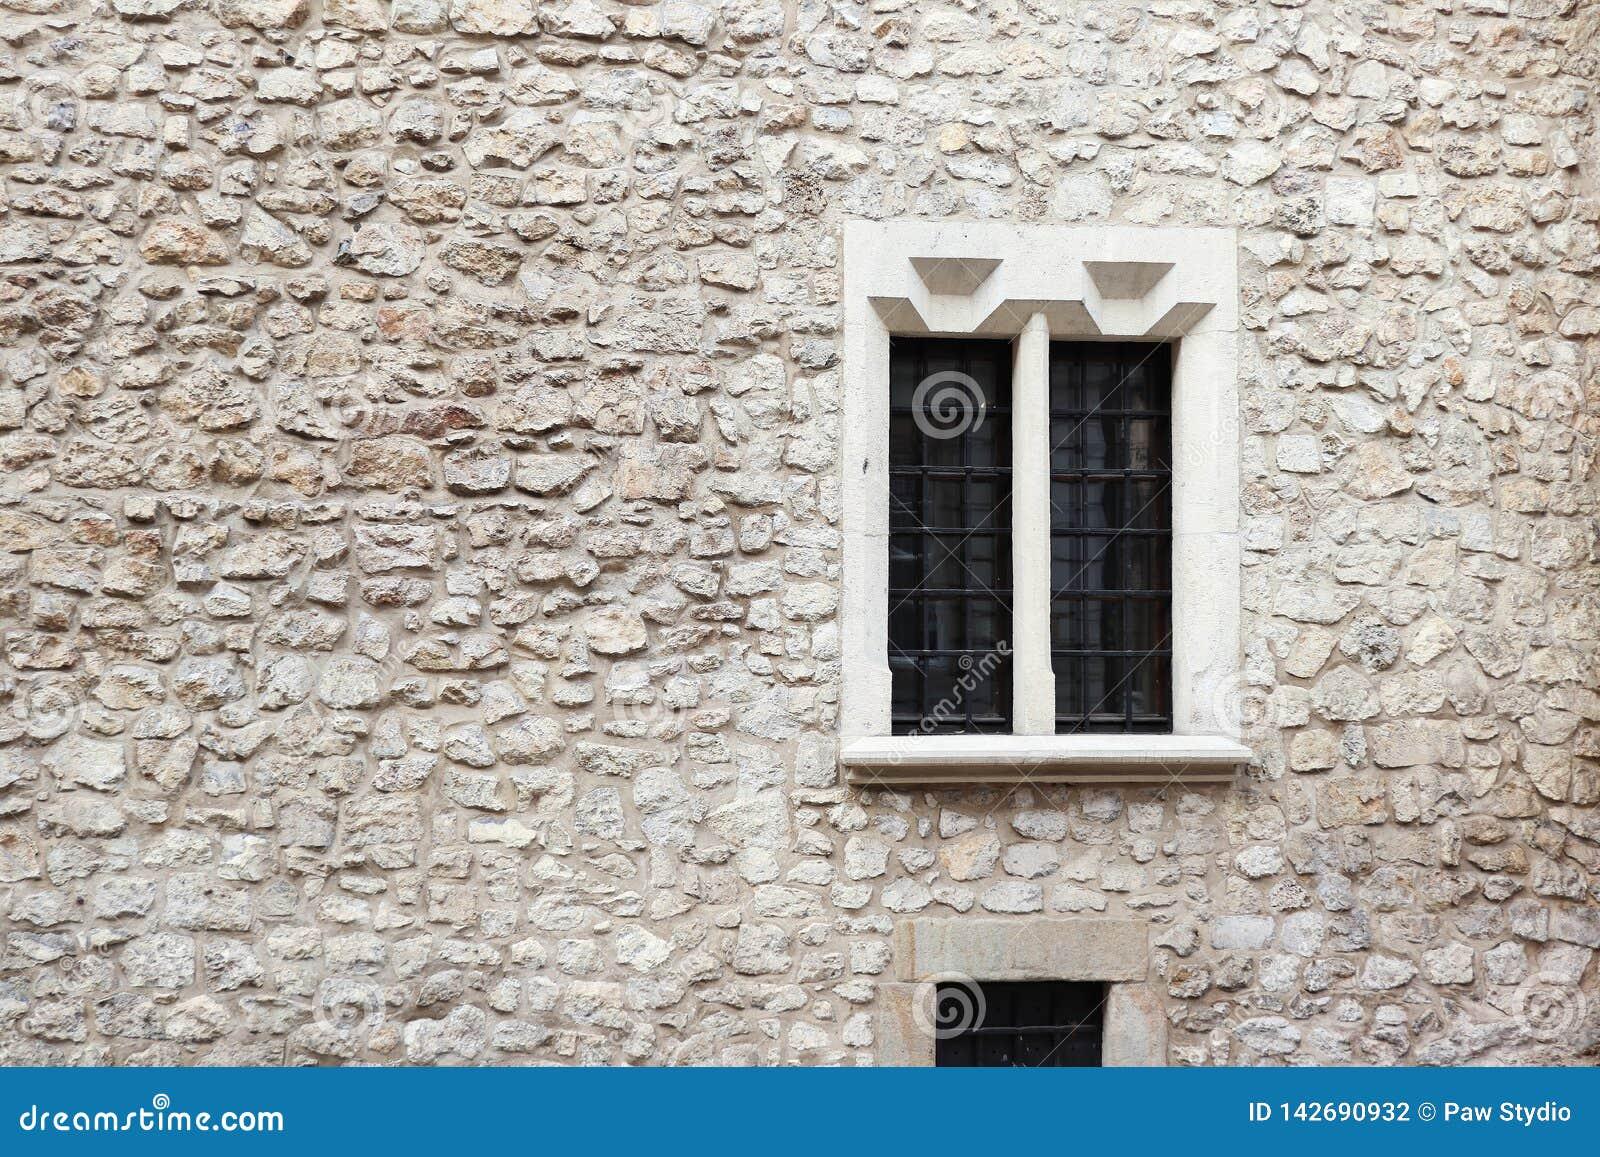 老石墙和水泥与老窗口 非常背景详细实际石头 克拉科夫石墙 在窗口的平板炉 克拉科夫大厦